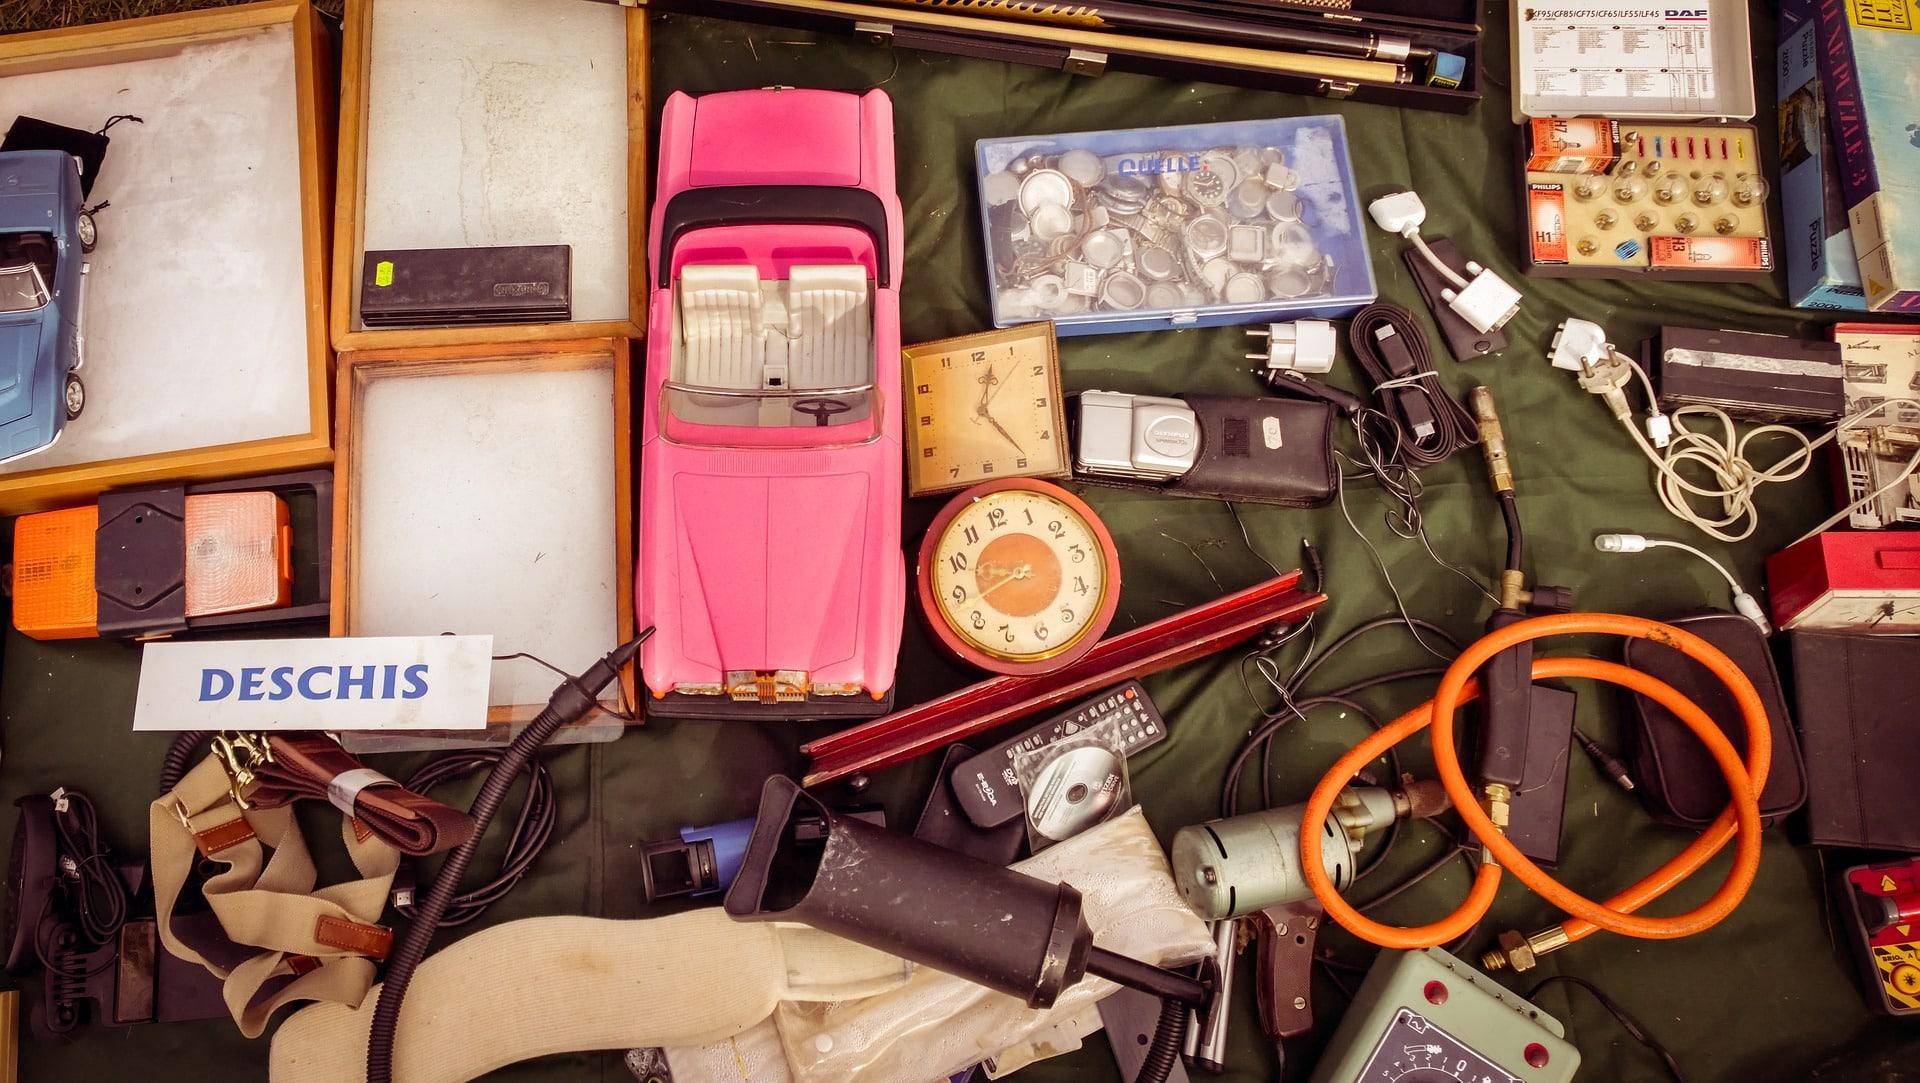 Je tweedehands spullen verkopen voor een wereldreis | Snel extra geld via @wereldreizigersnl